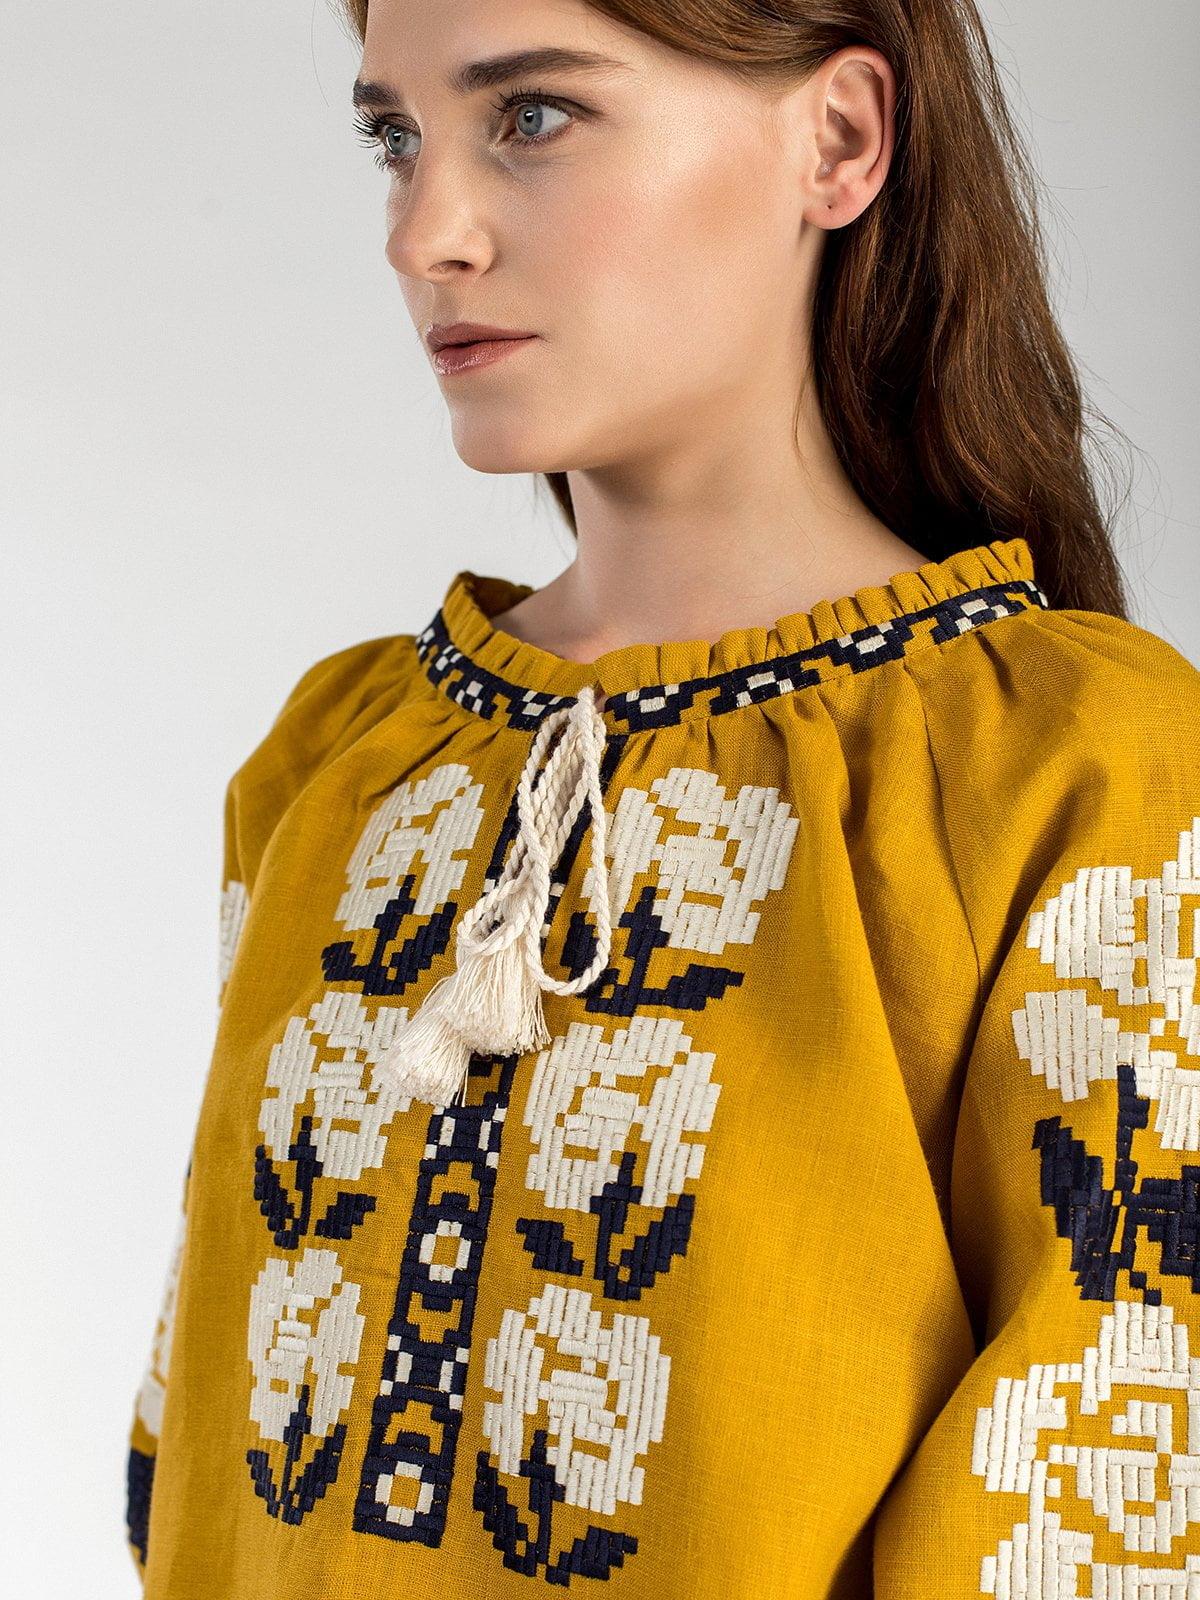 Вишиванка з жовтого льону з квітковим орнаментом FLOW 1 – купити в ... c26b2eb29c6e7